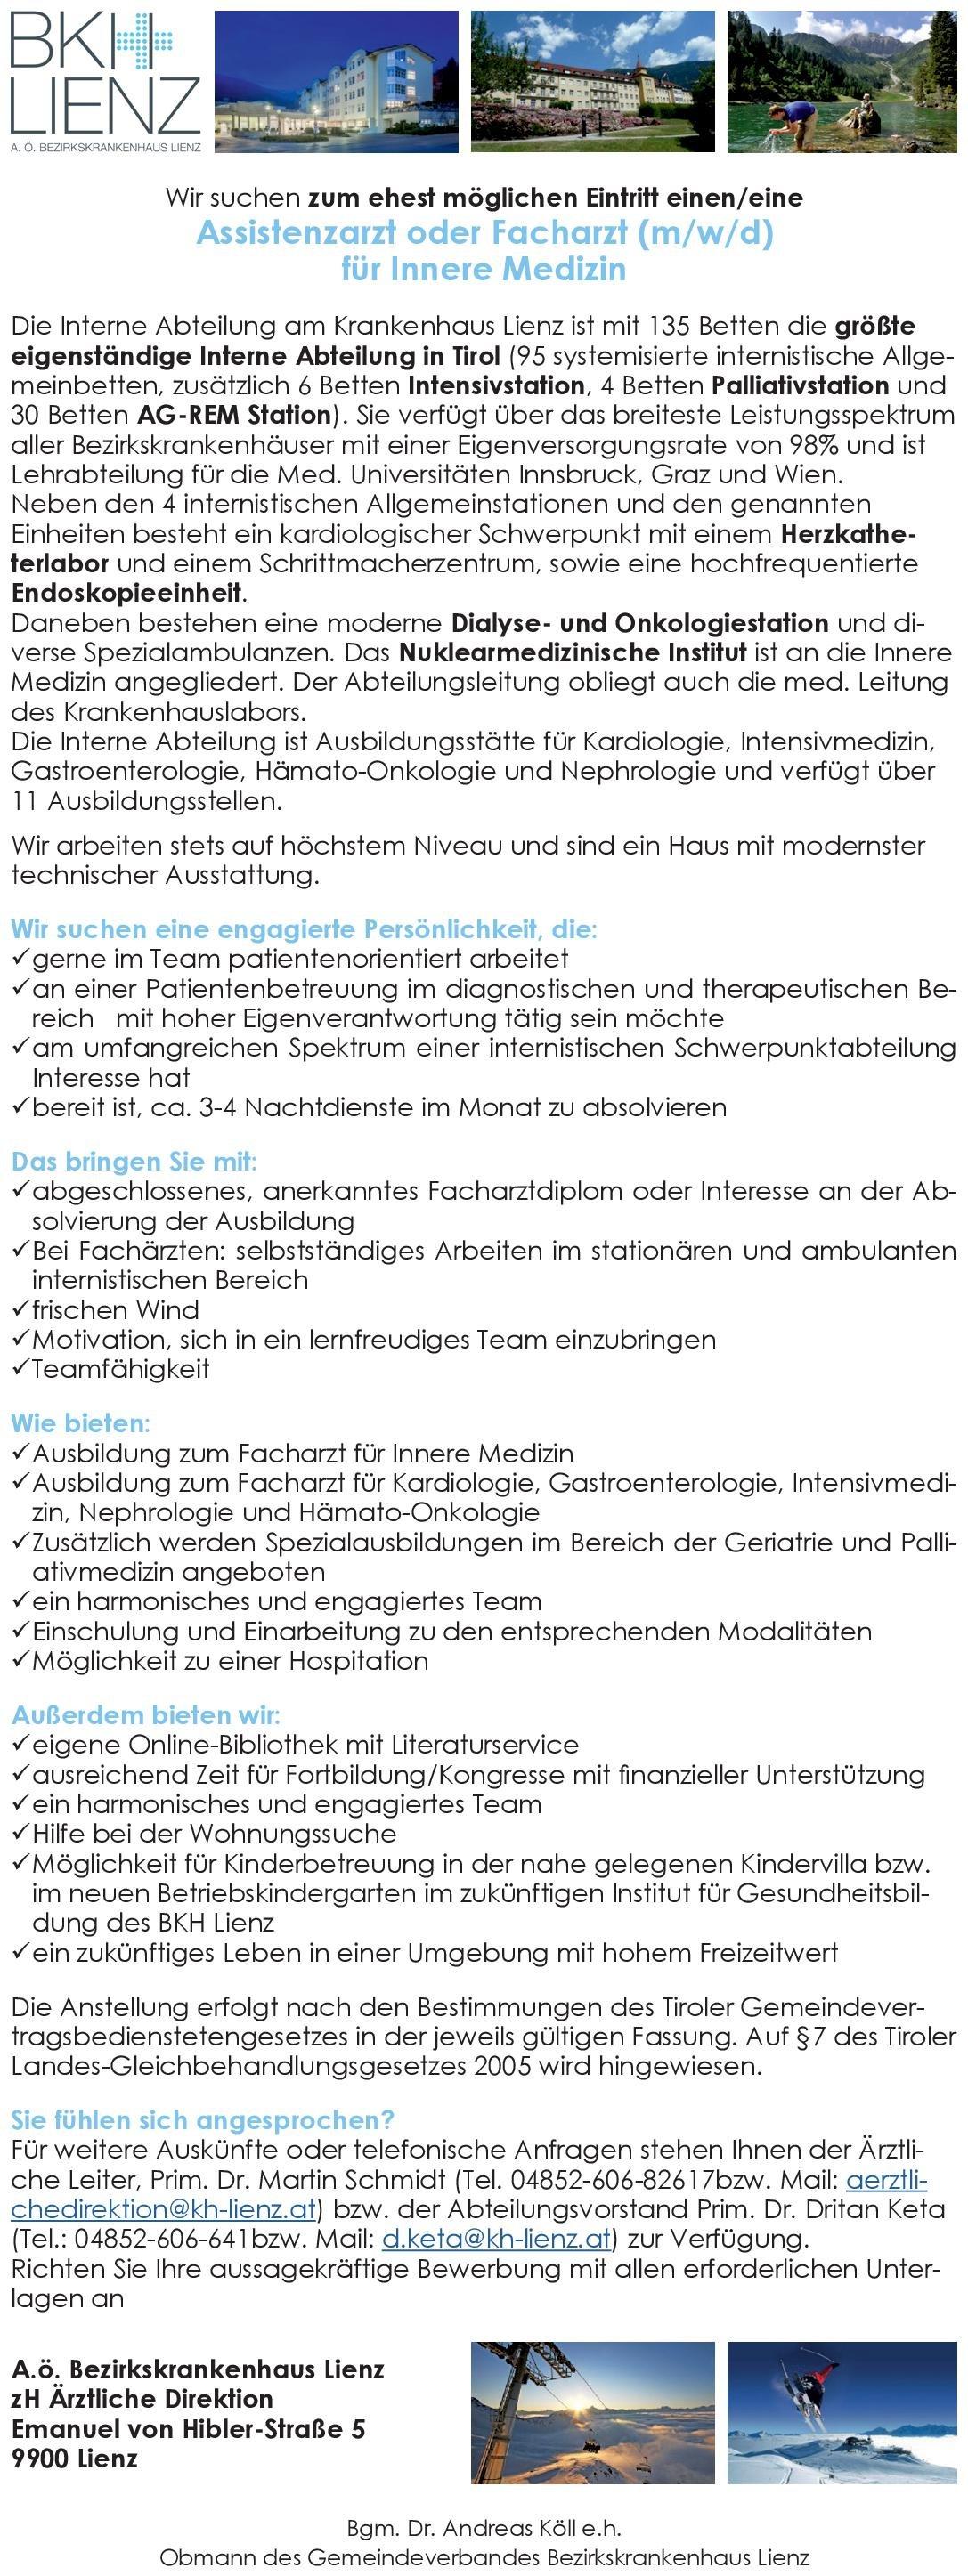 BKH Lienz Assistenzarzt (m/w/d) für Innere Medizin  Innere Medizin, Innere Medizin Assistenzarzt / Arzt in Weiterbildung